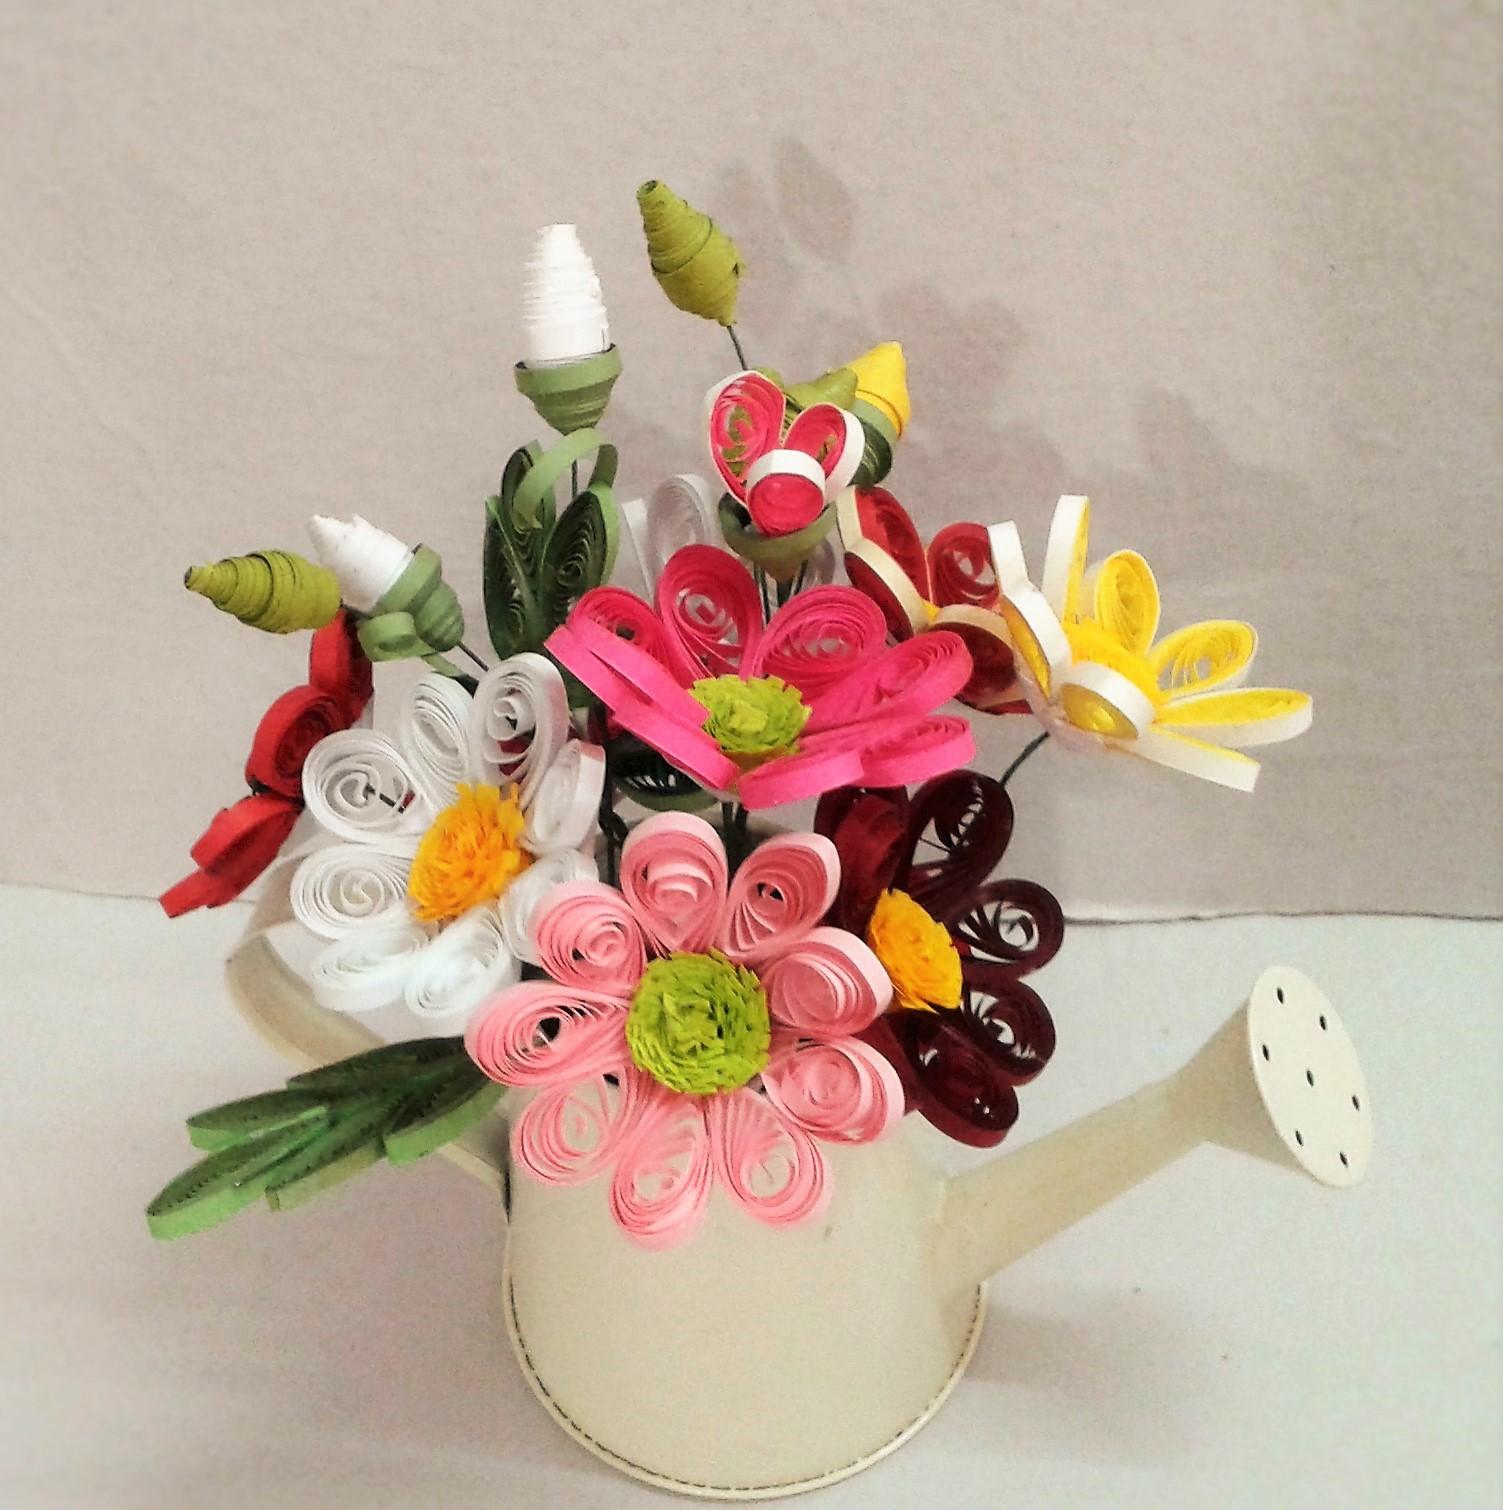 Quillingmagic Paper Quilled Flowers